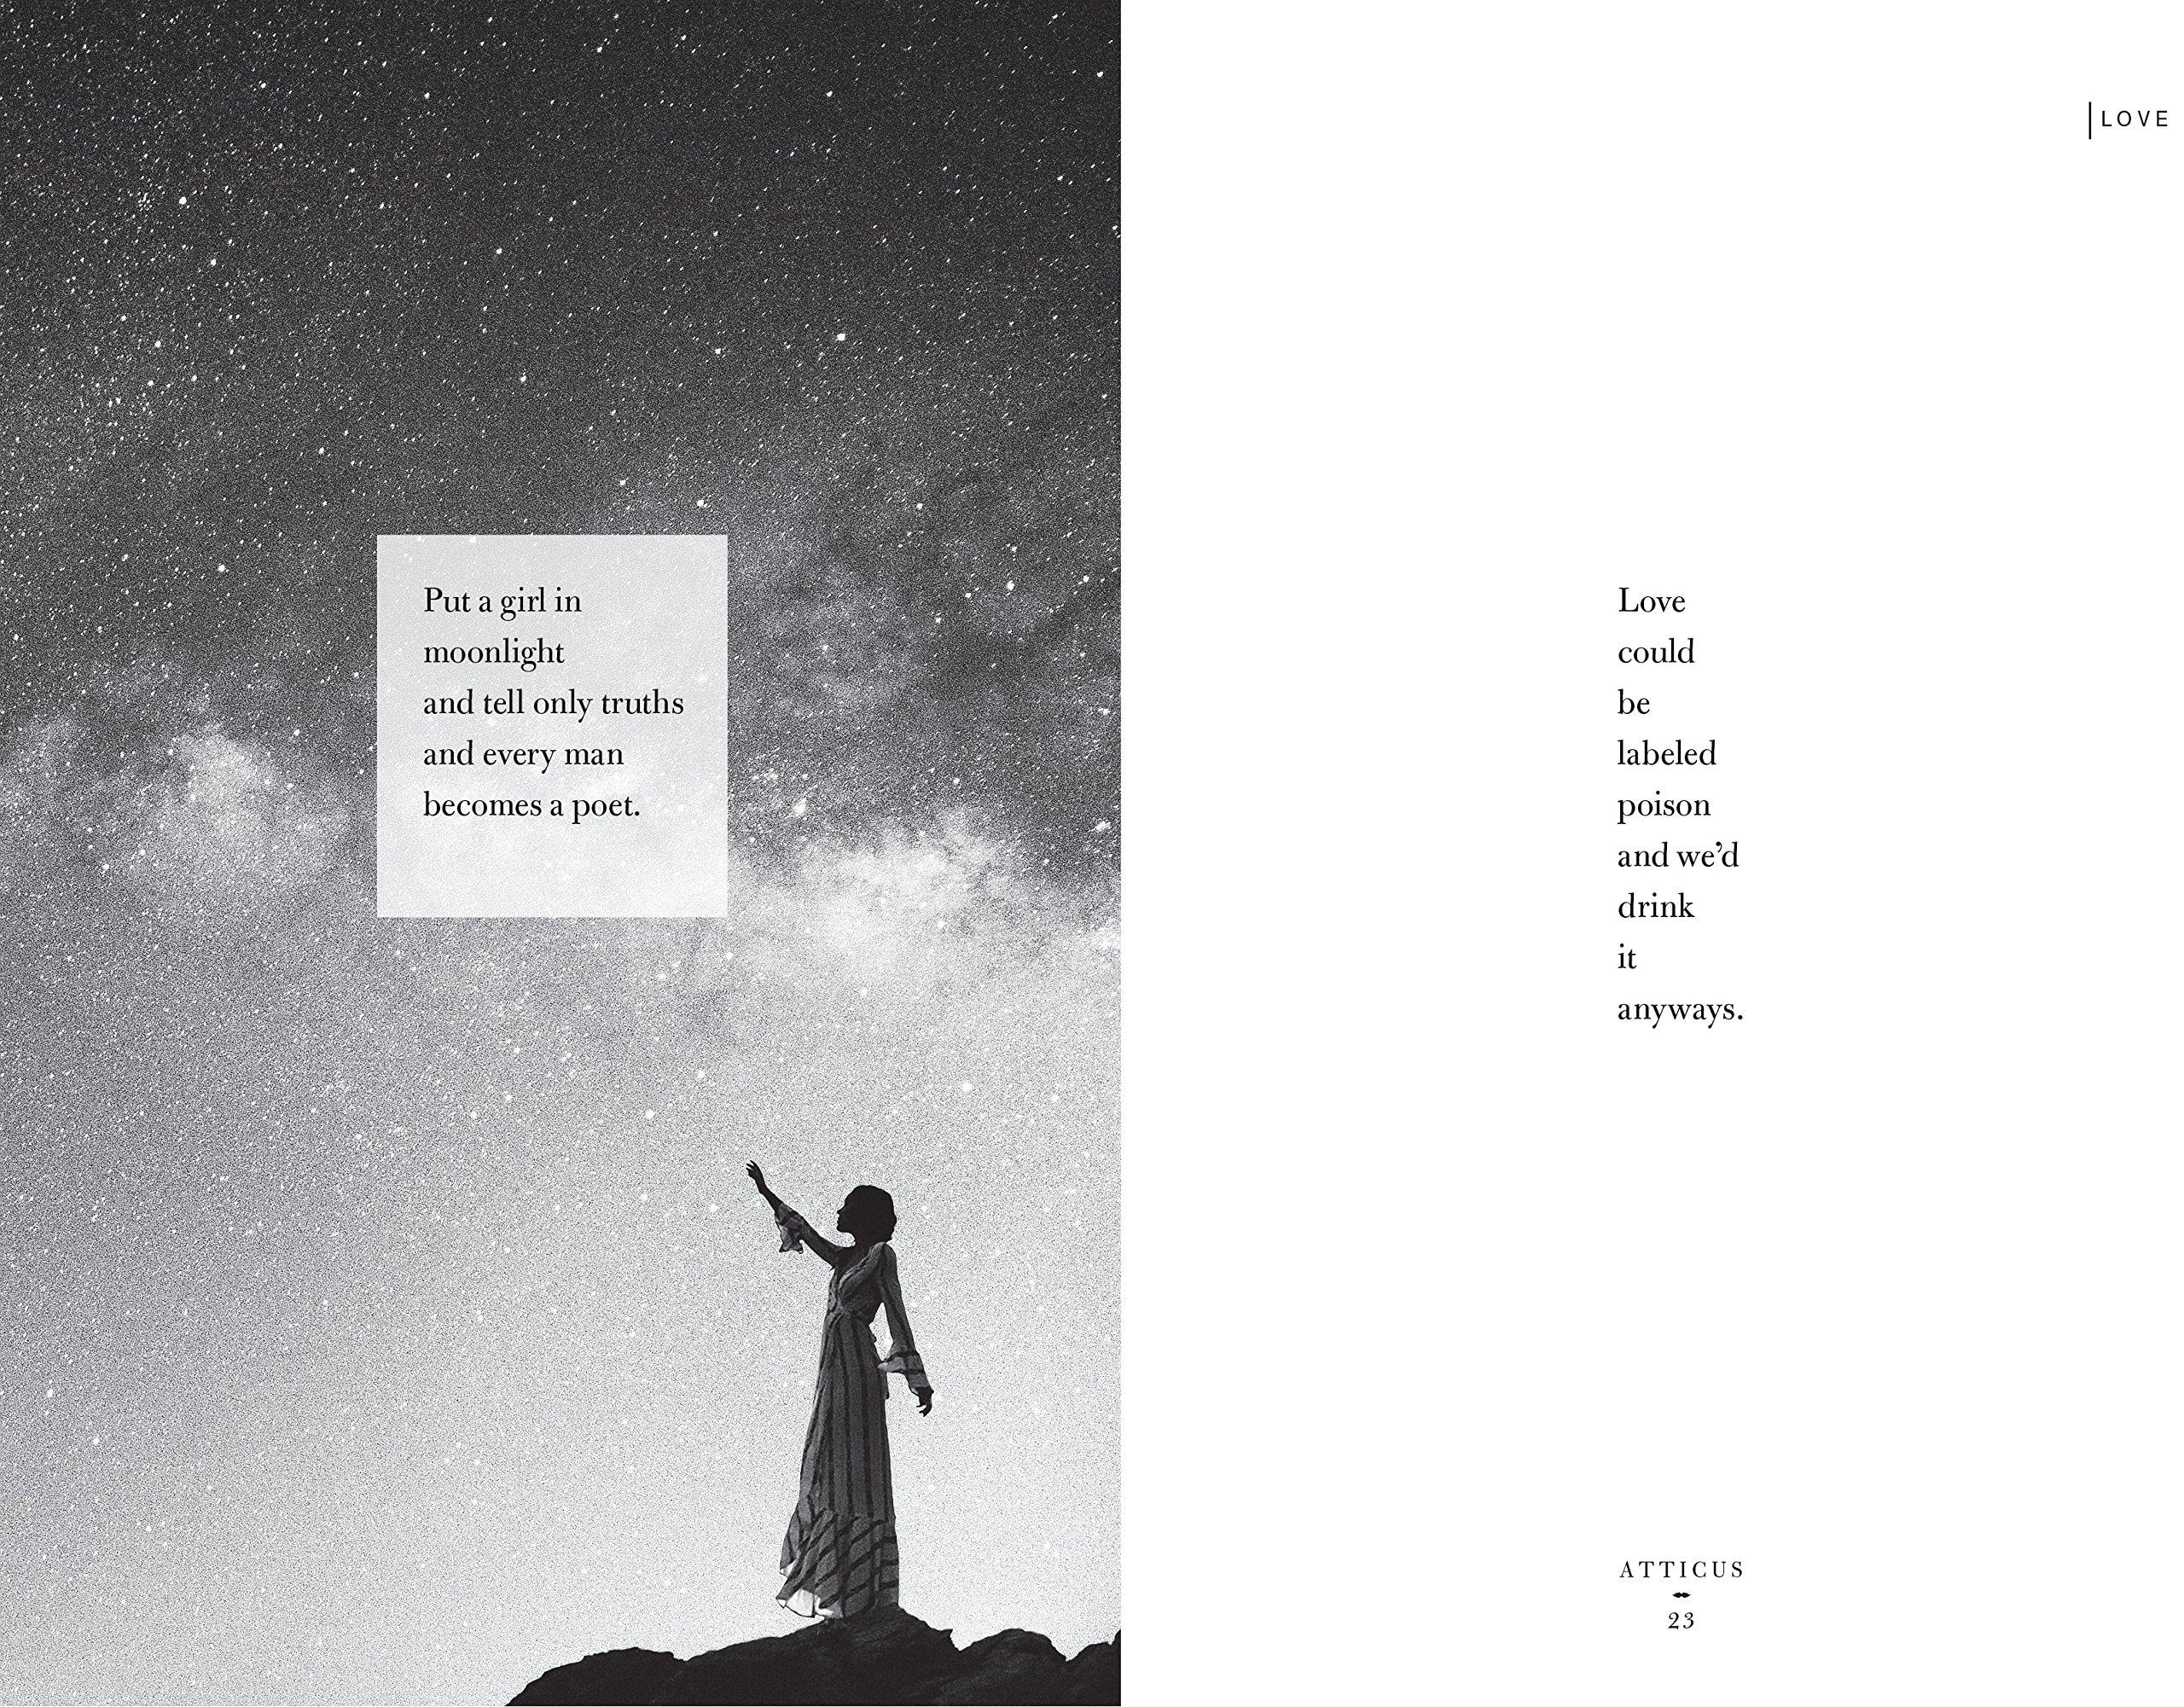 Love Her Wild Poetry Amazoncouk Atticus Poetry